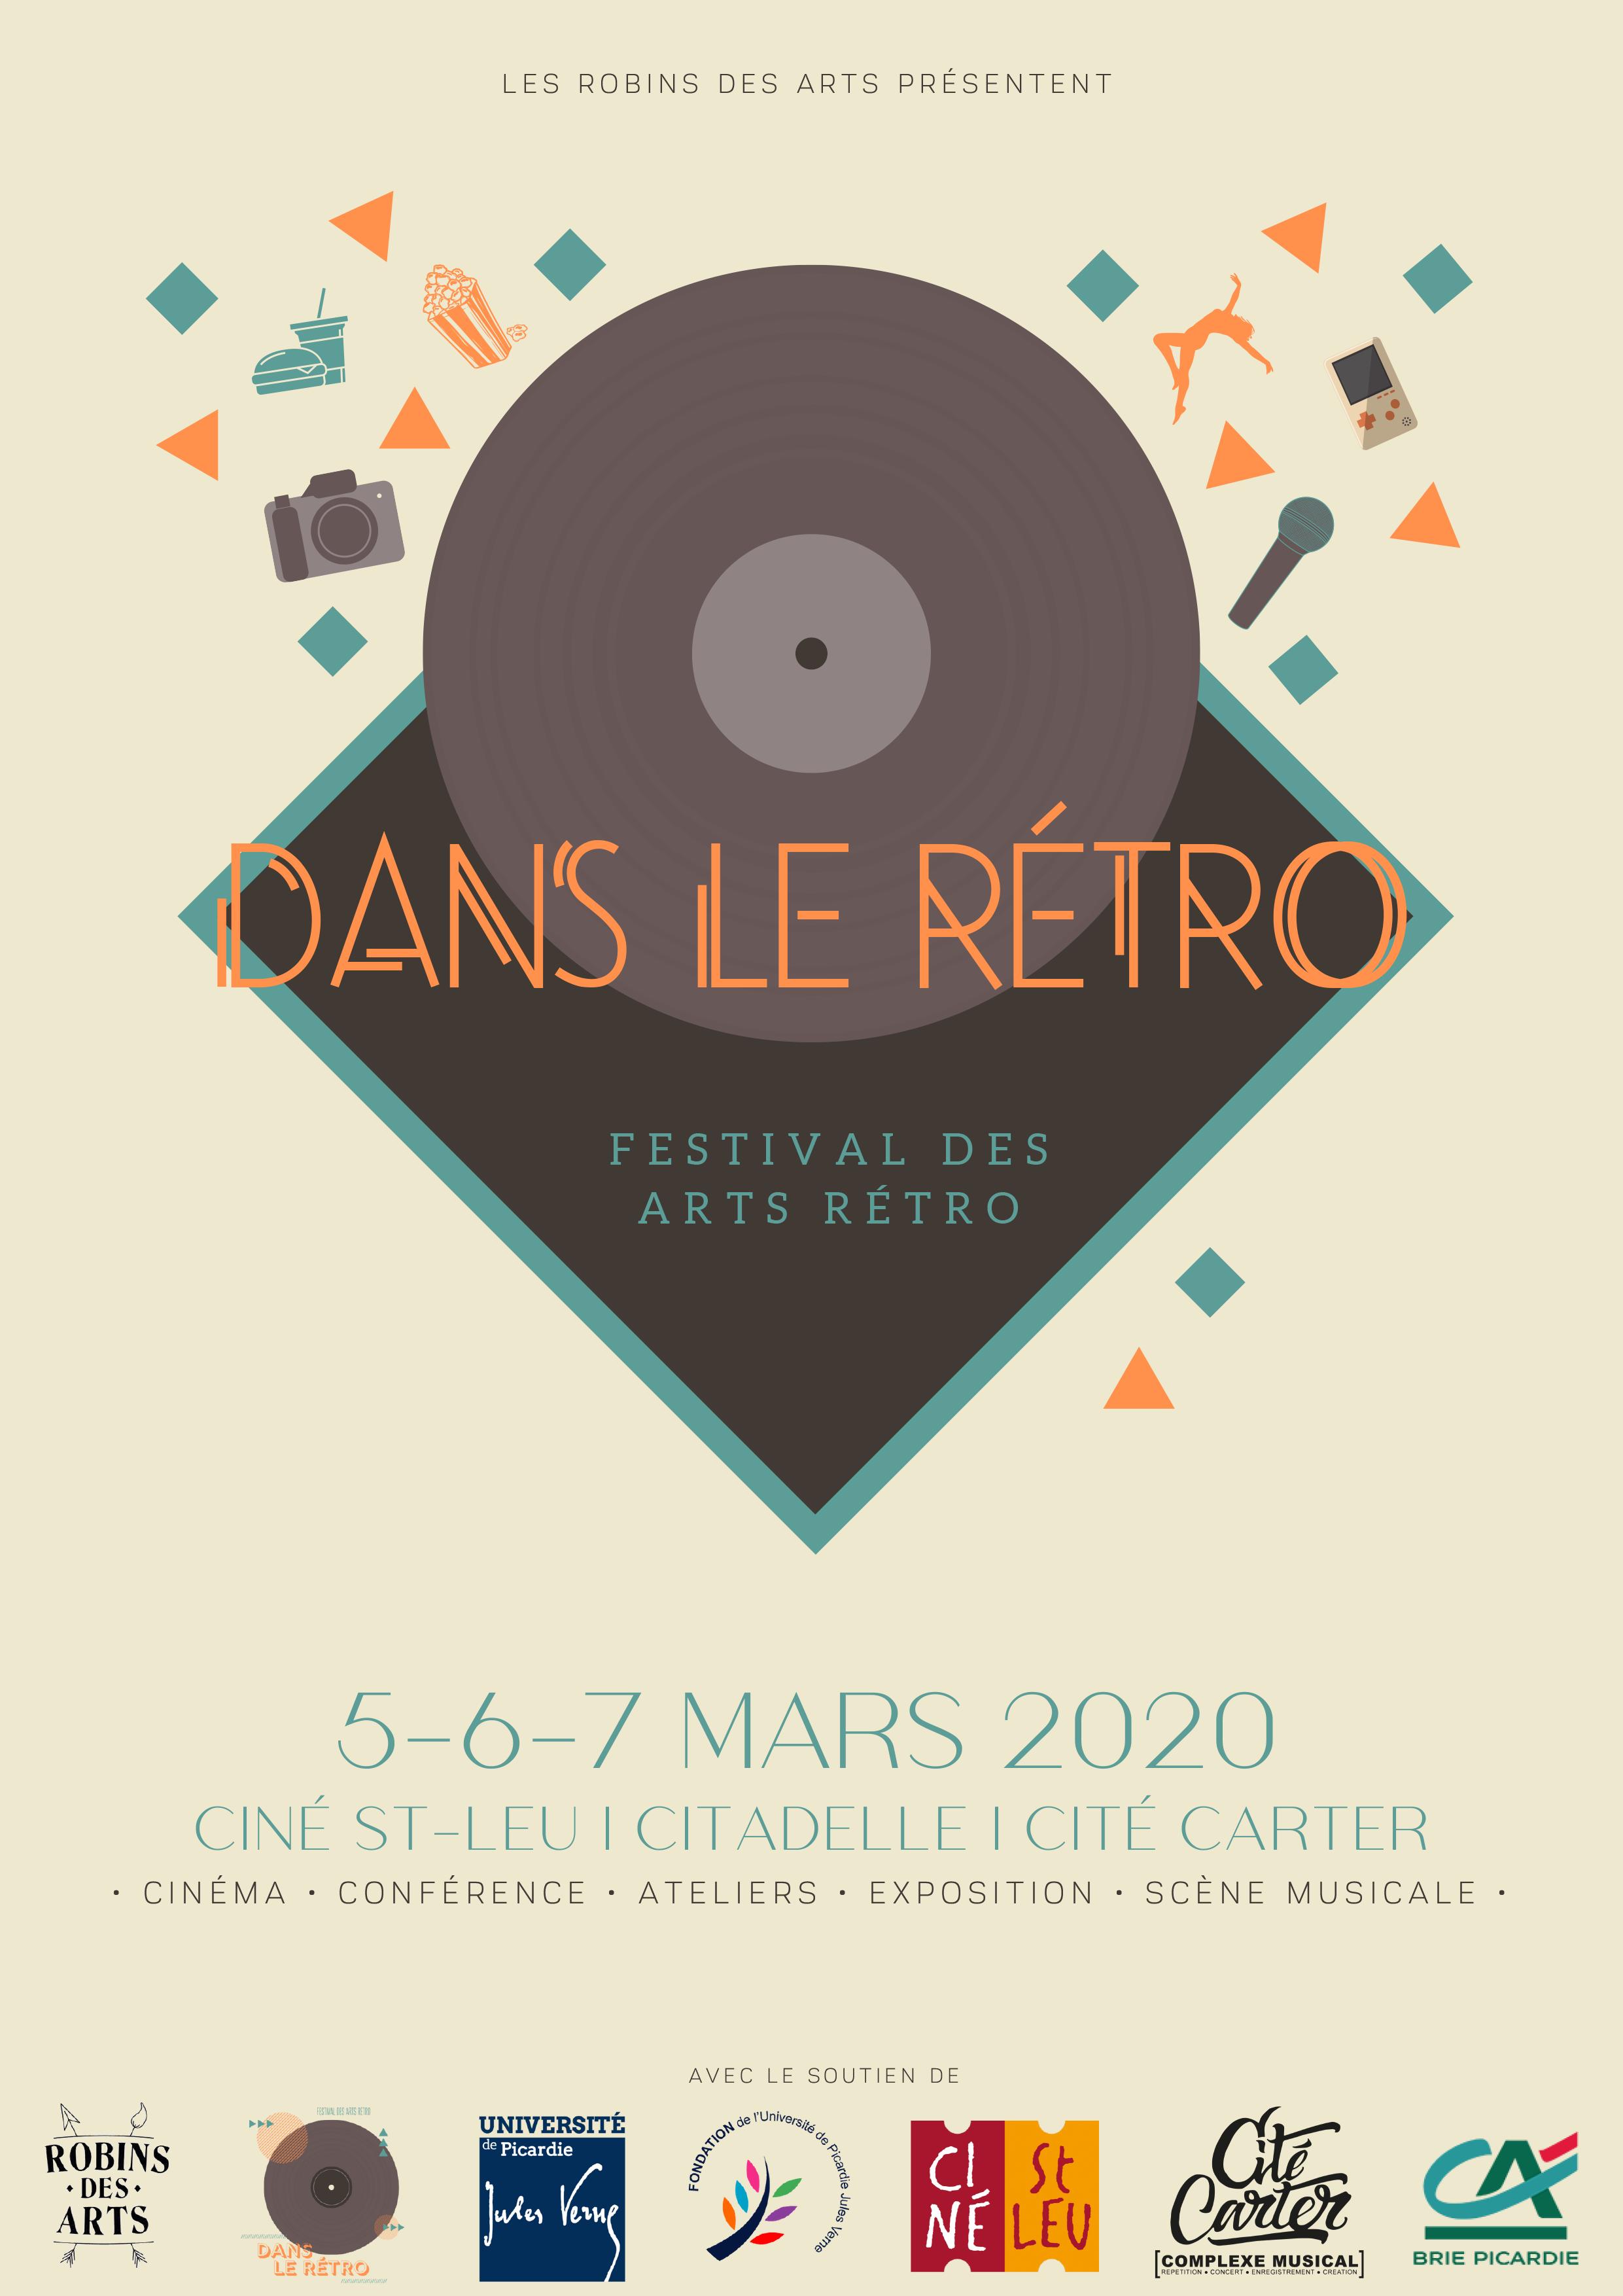 Festival des arts rétro